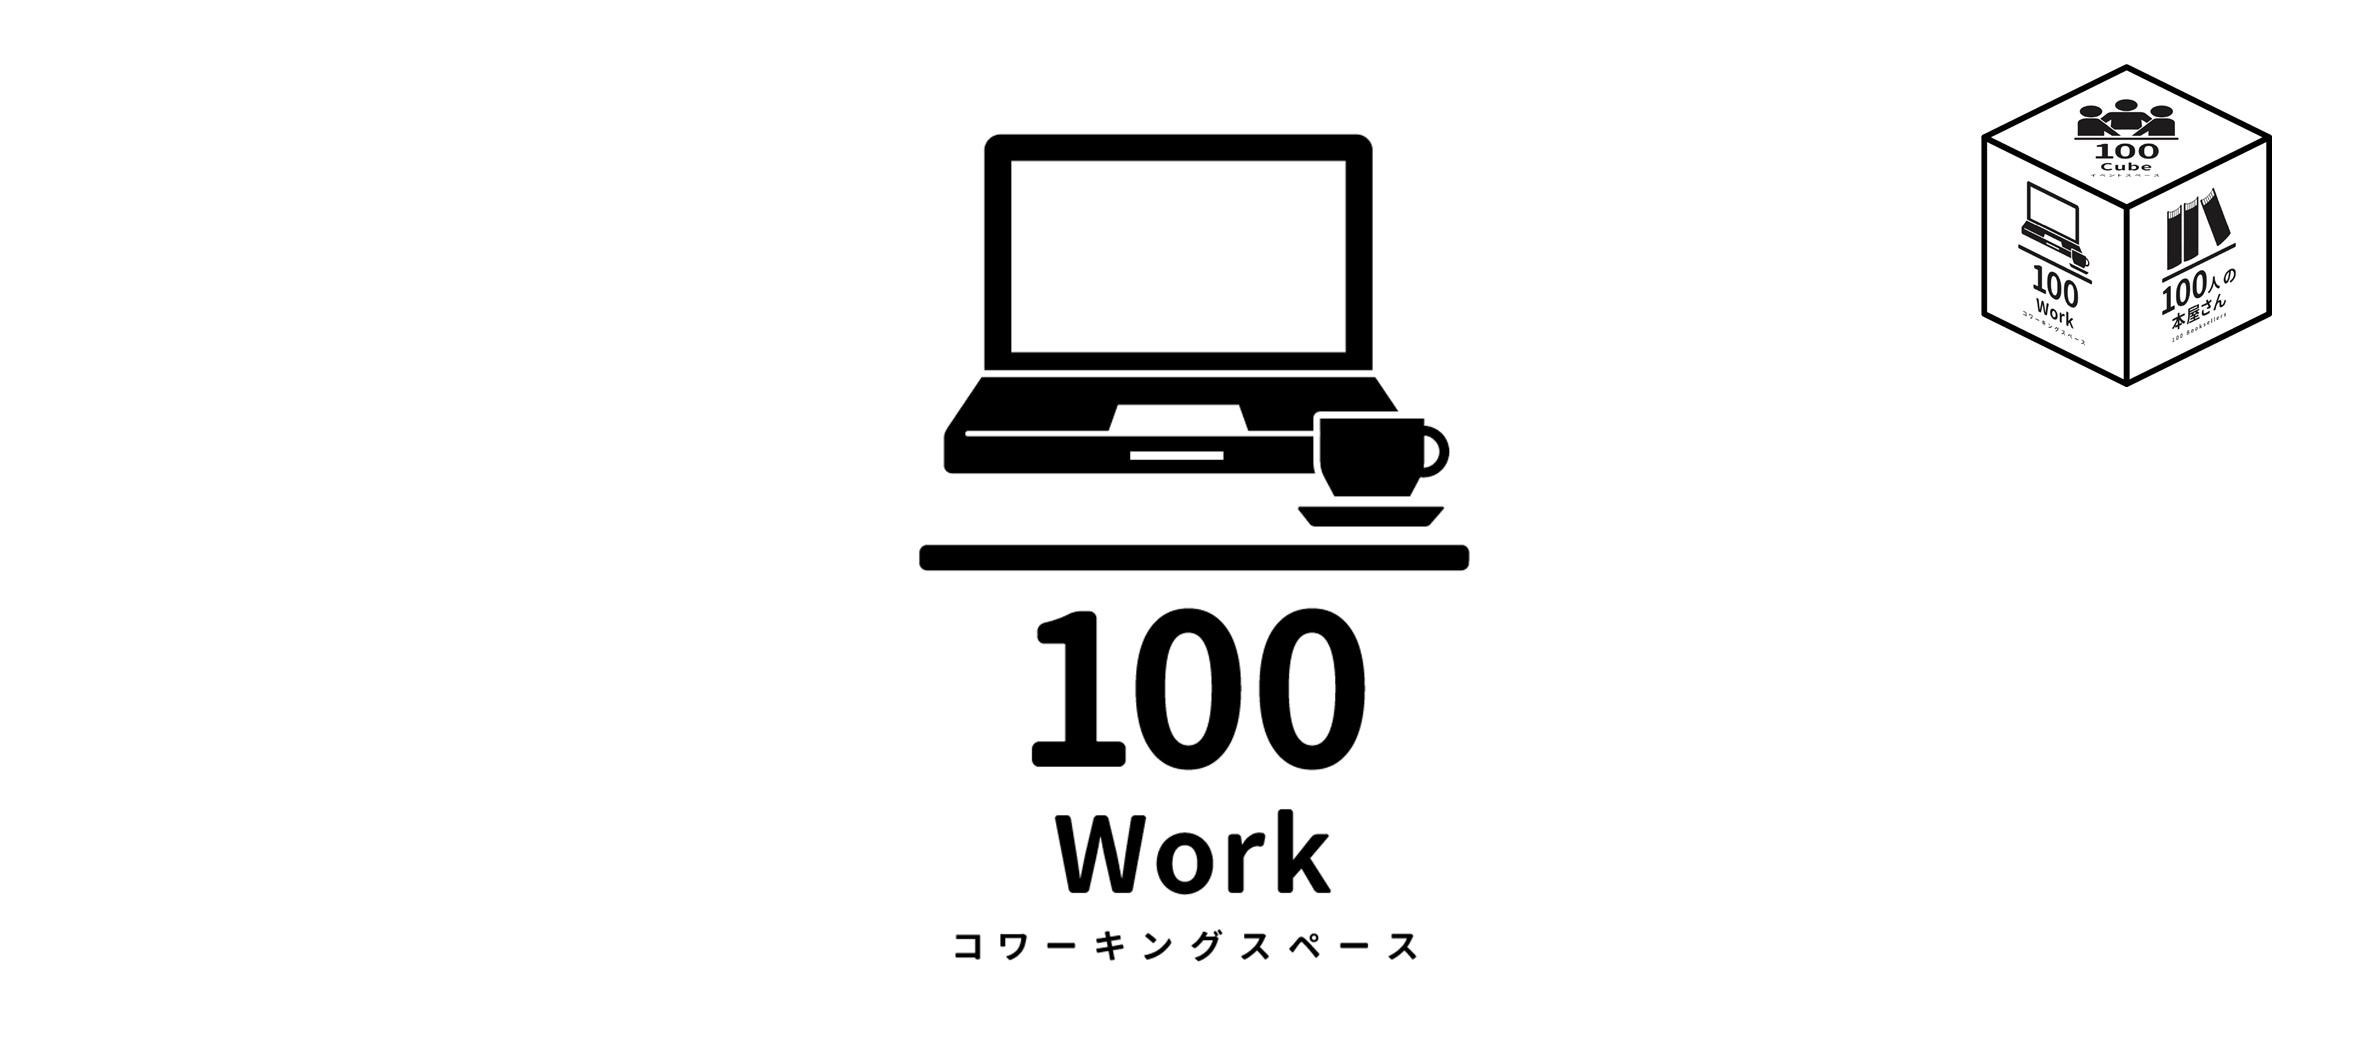 コワーキングスペース100work